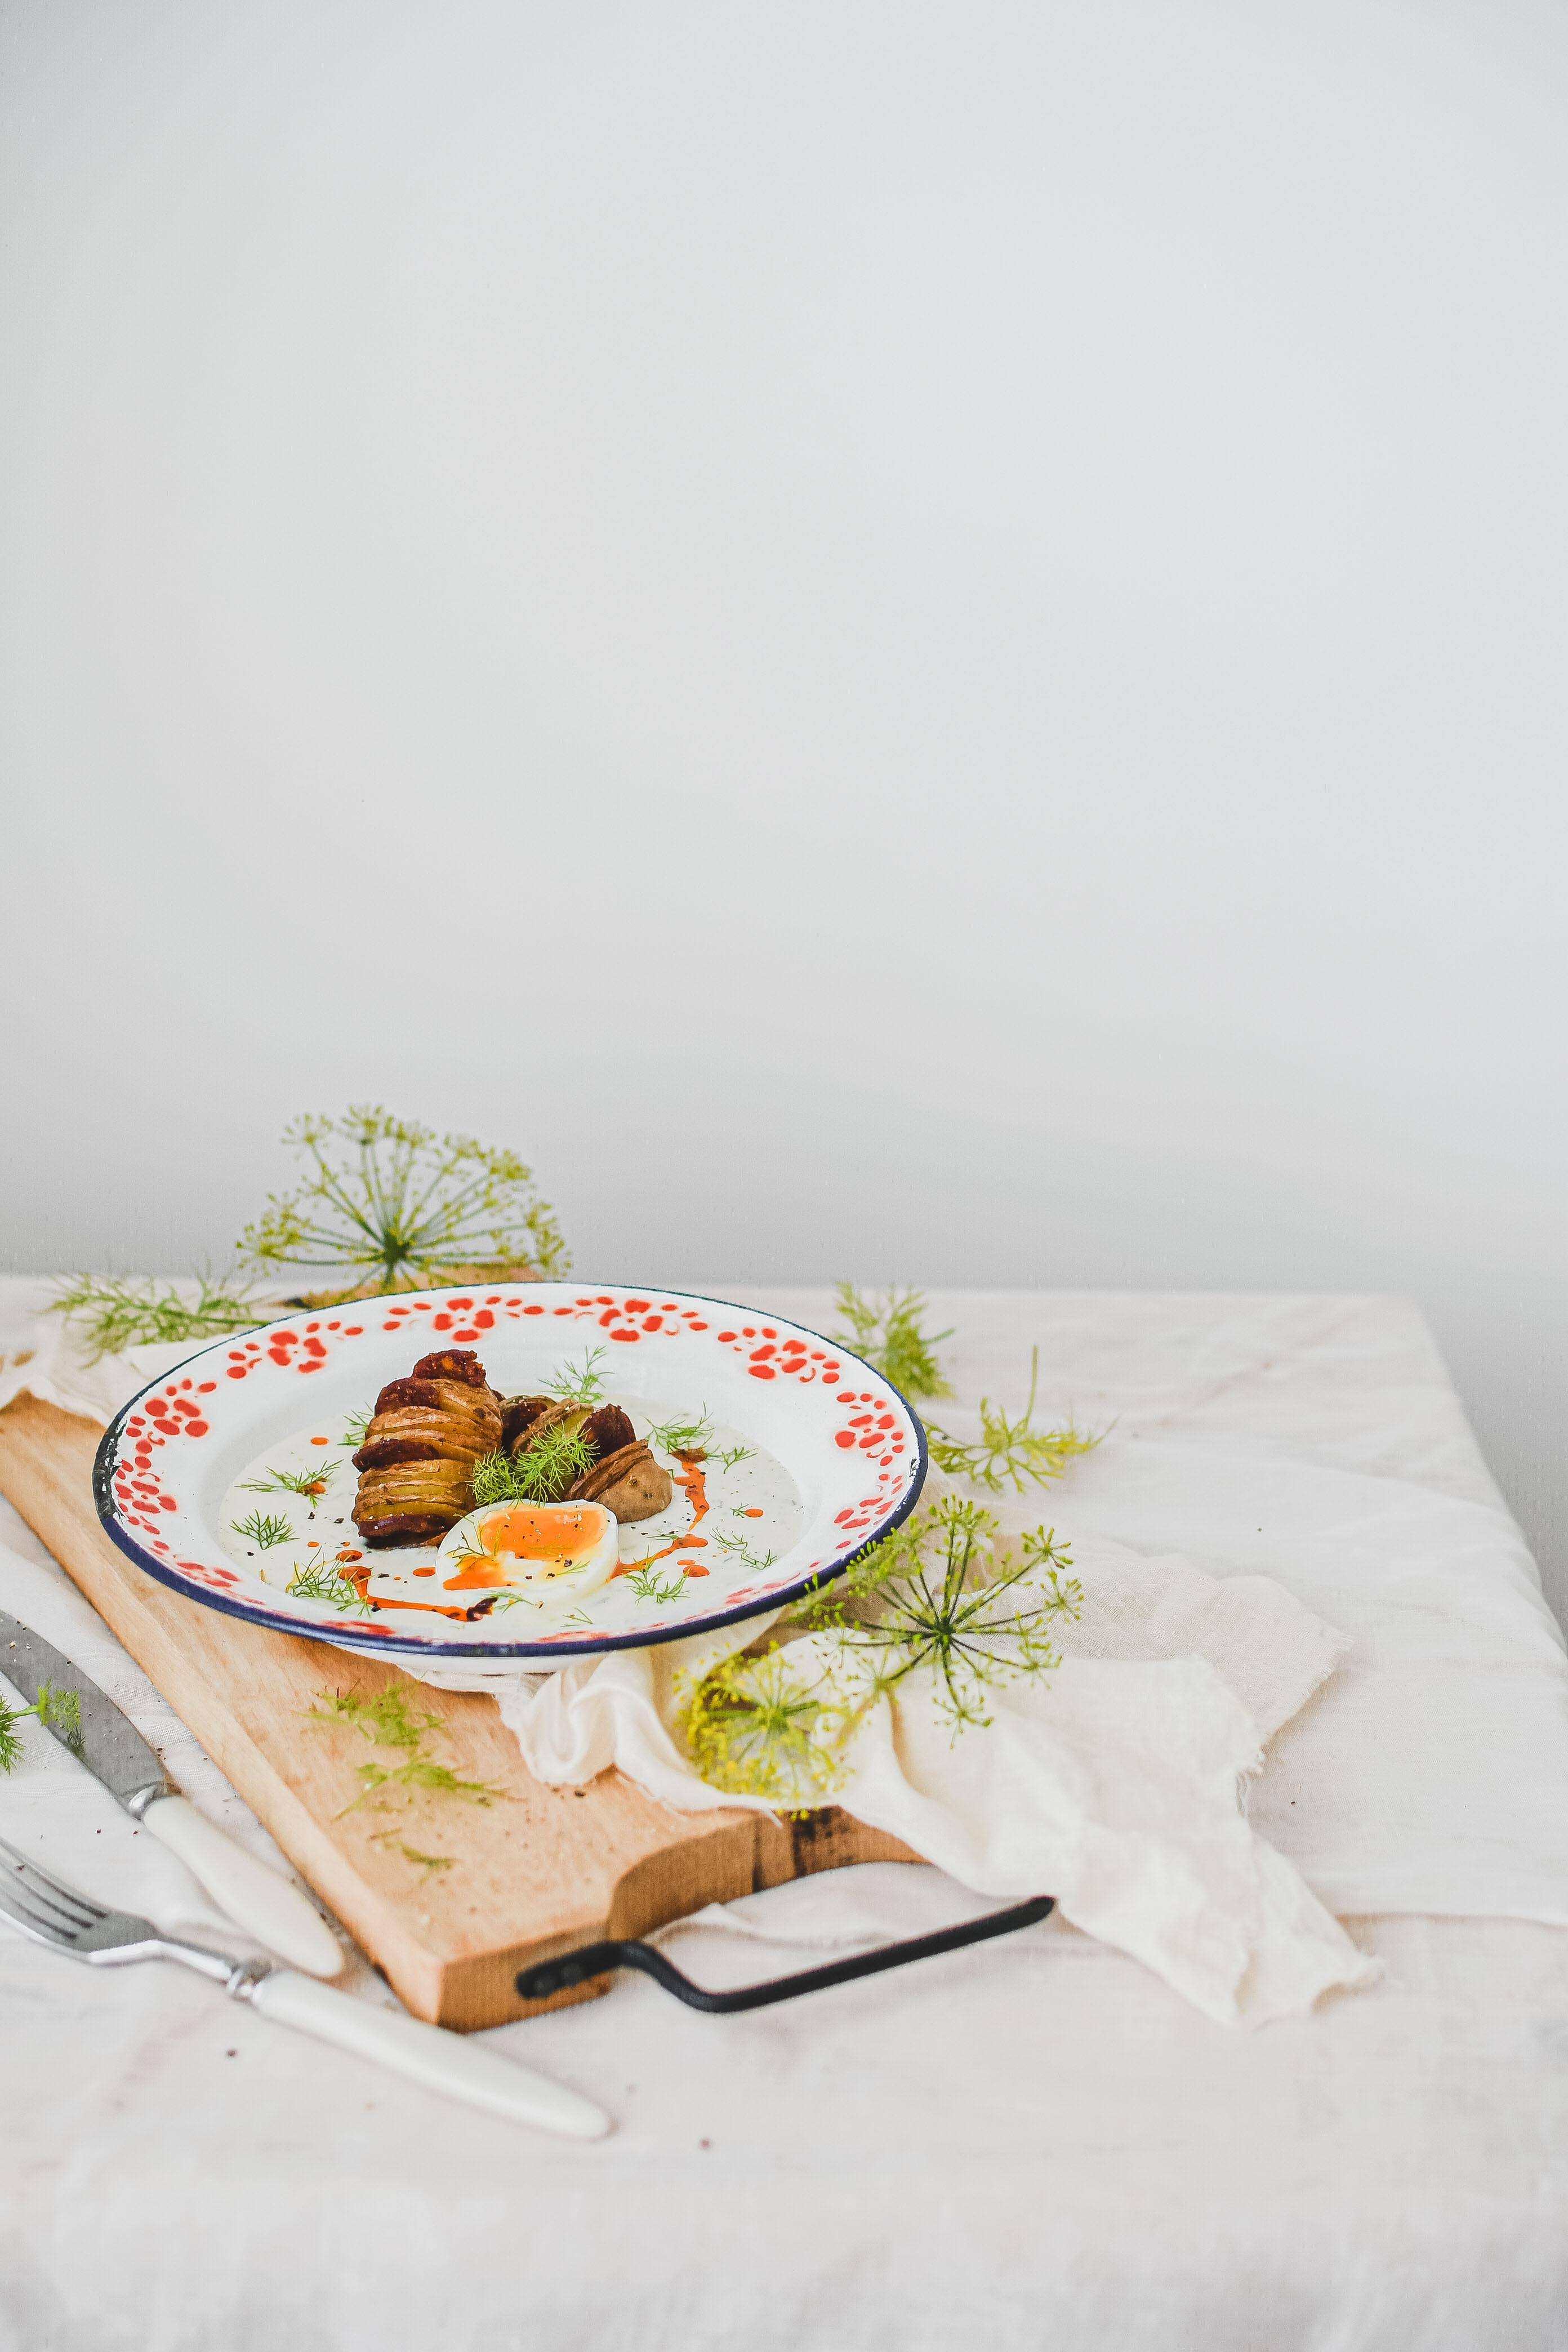 dill sauce hasselback potatoes photography kôprová omáčka